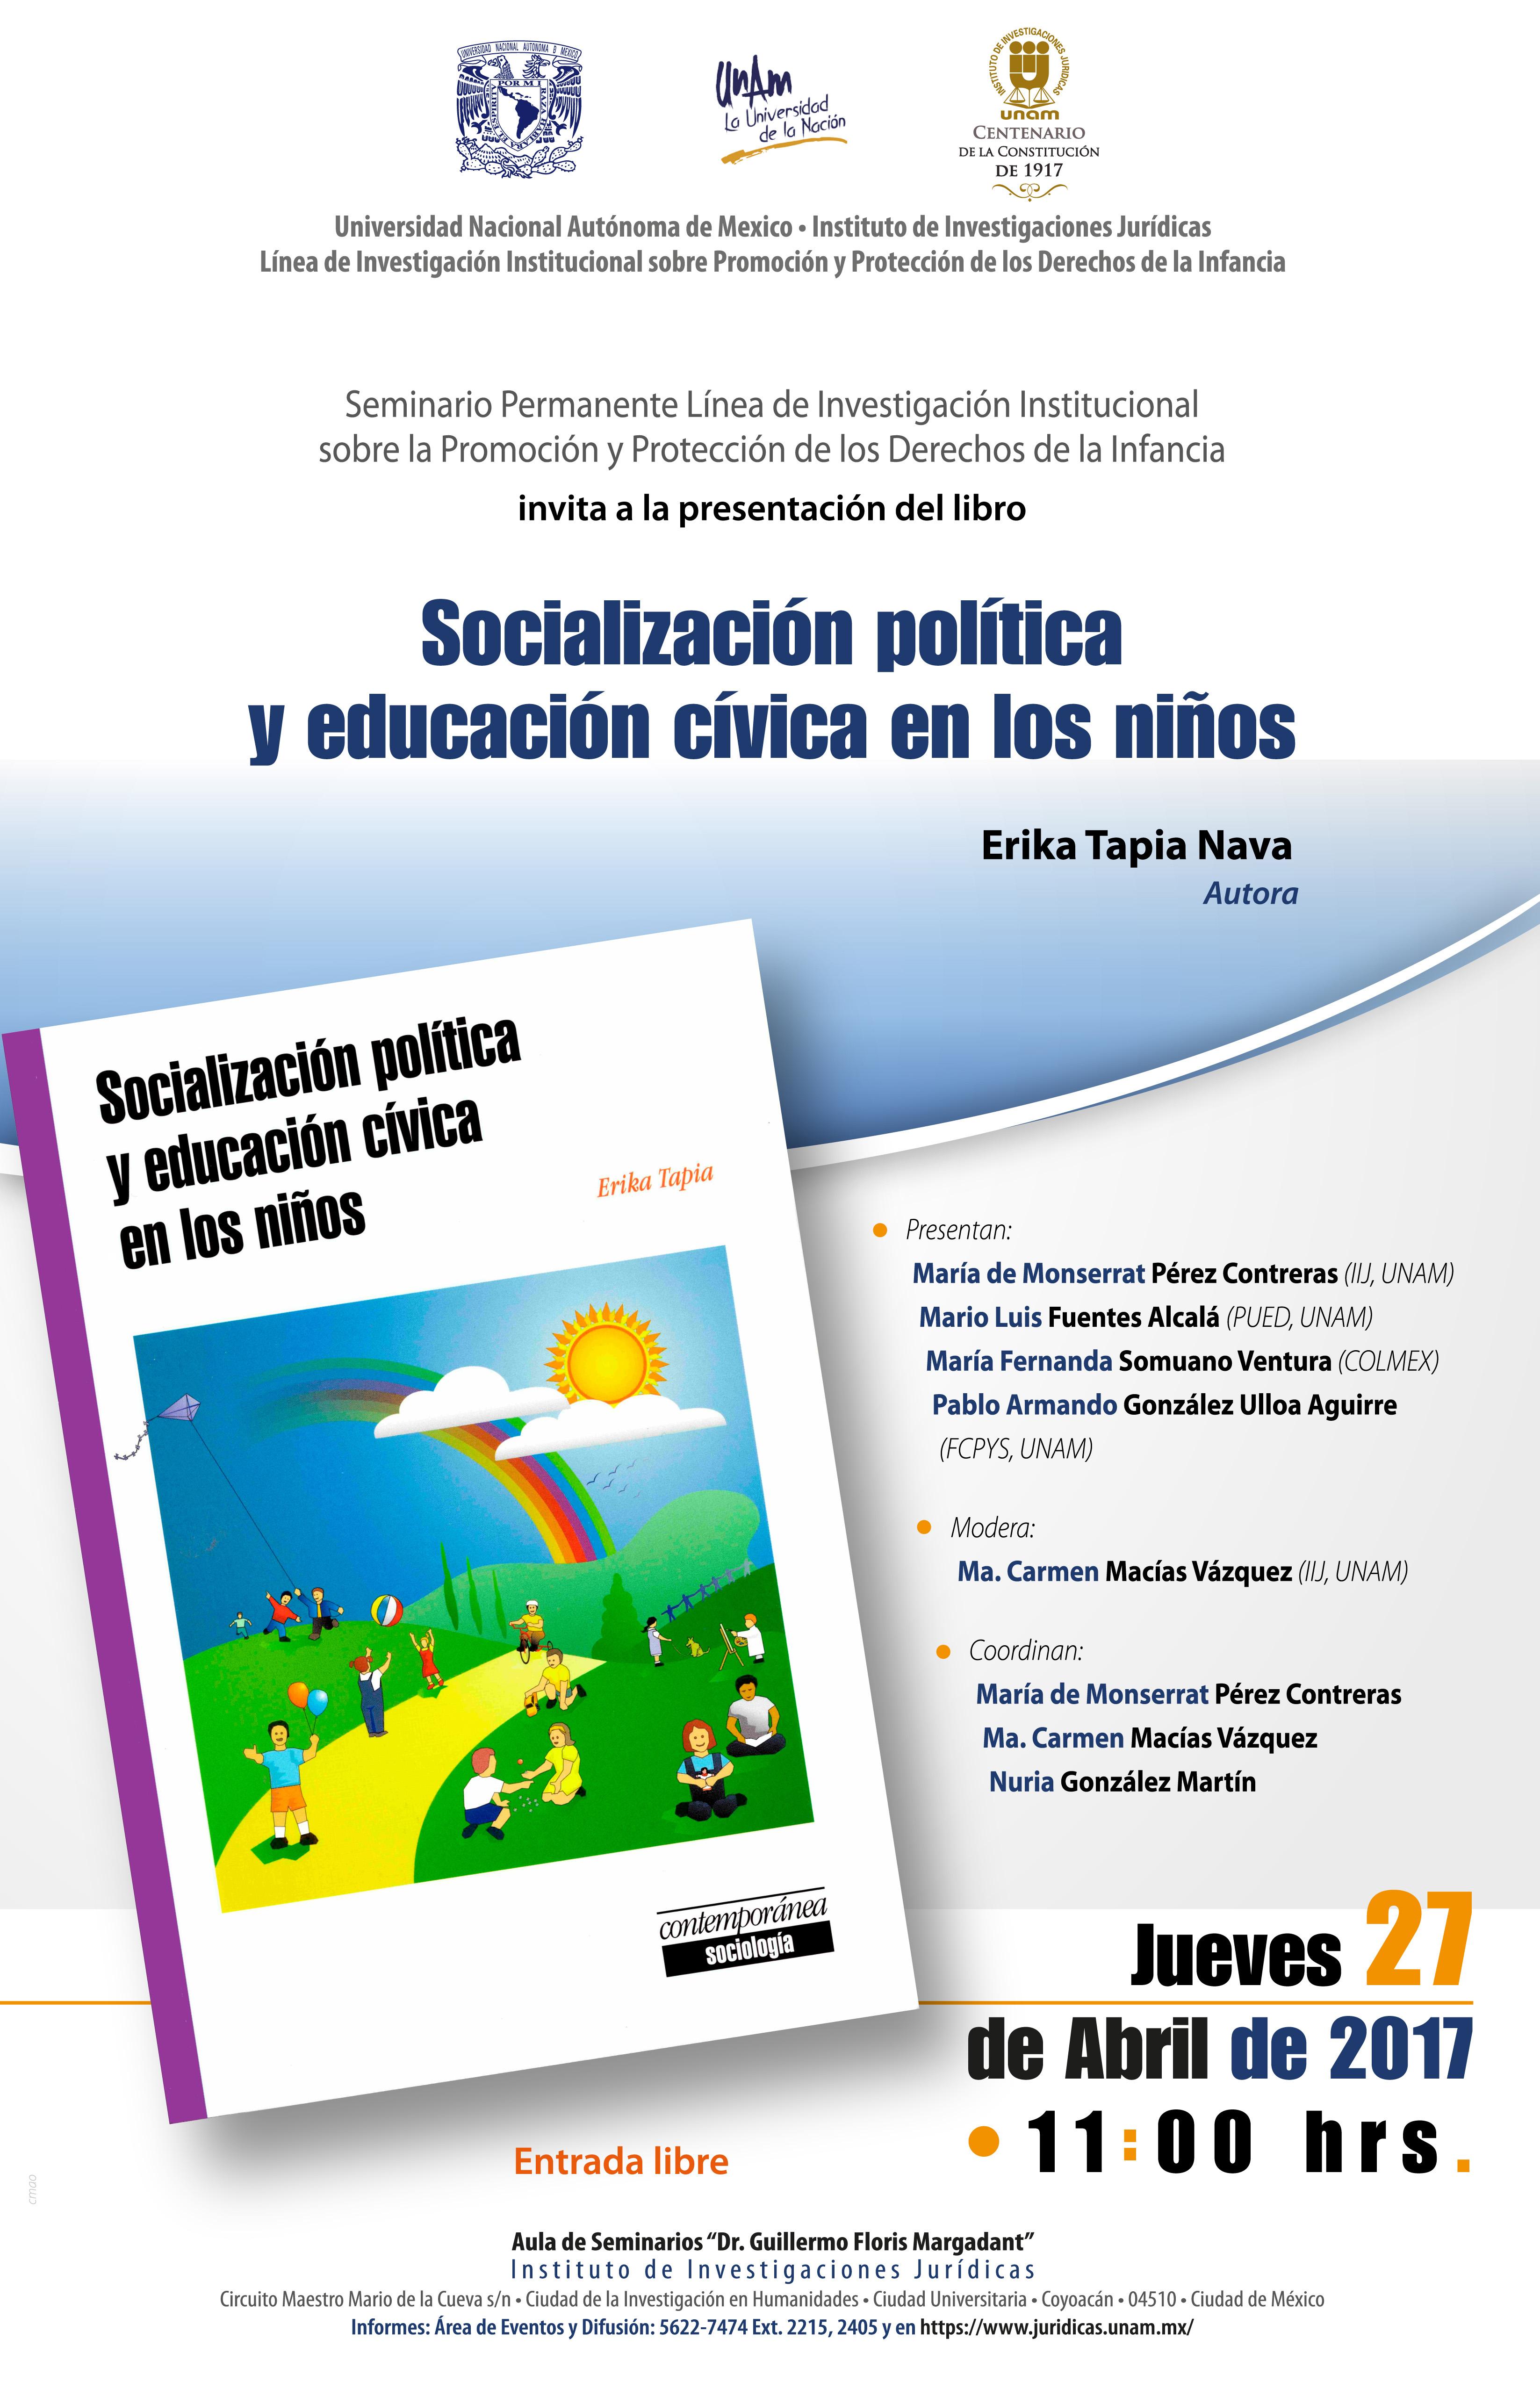 Socialización política y educación cívica en los niños